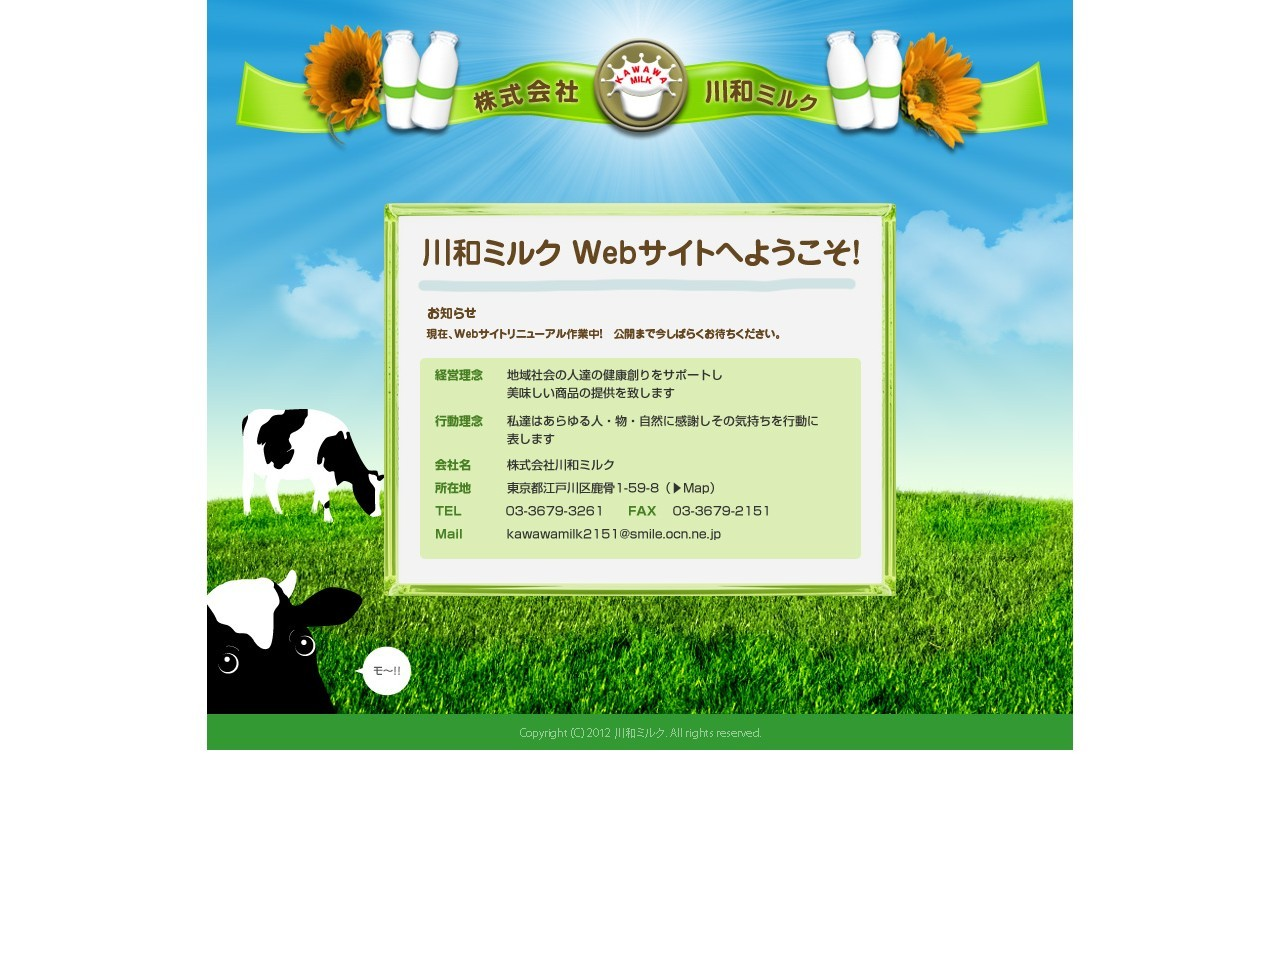 江戸川区に牛乳と笑顔をお届けします。株式会社川和ミルク